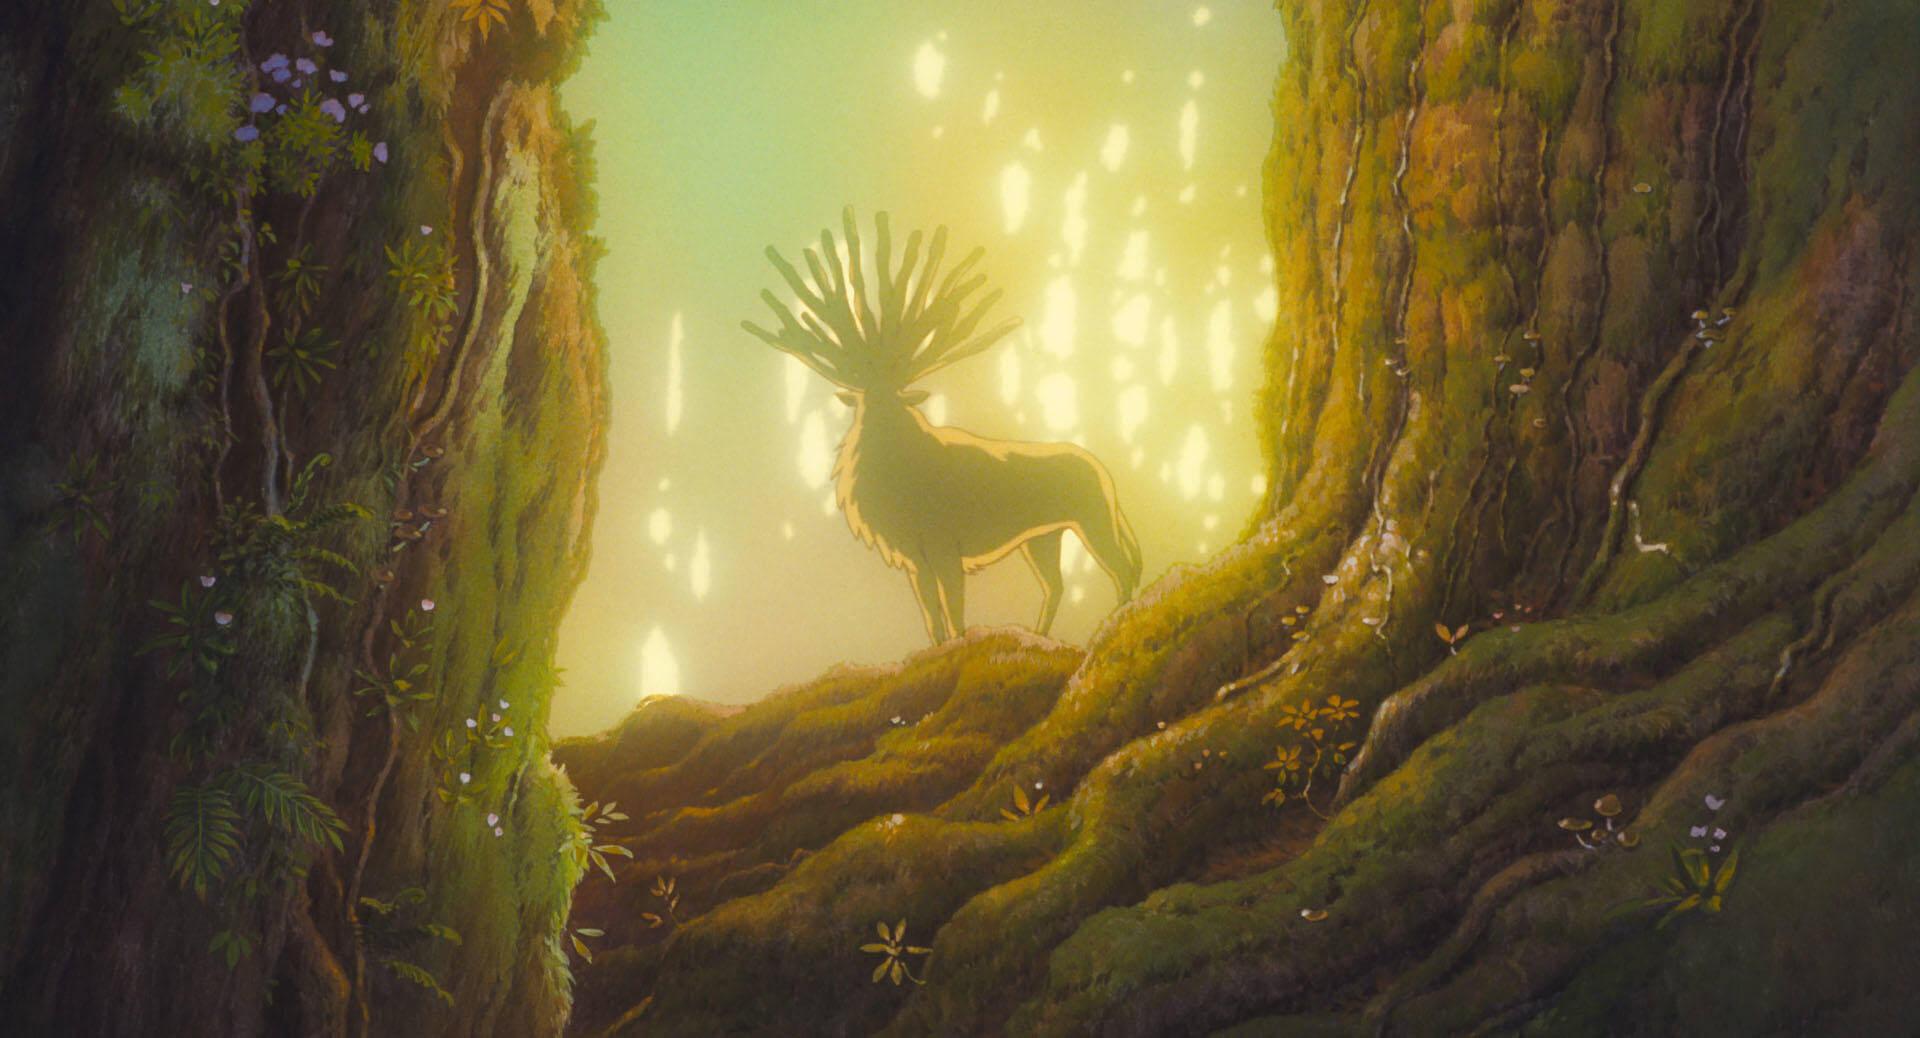 princess-mononoke-studio-ghibli